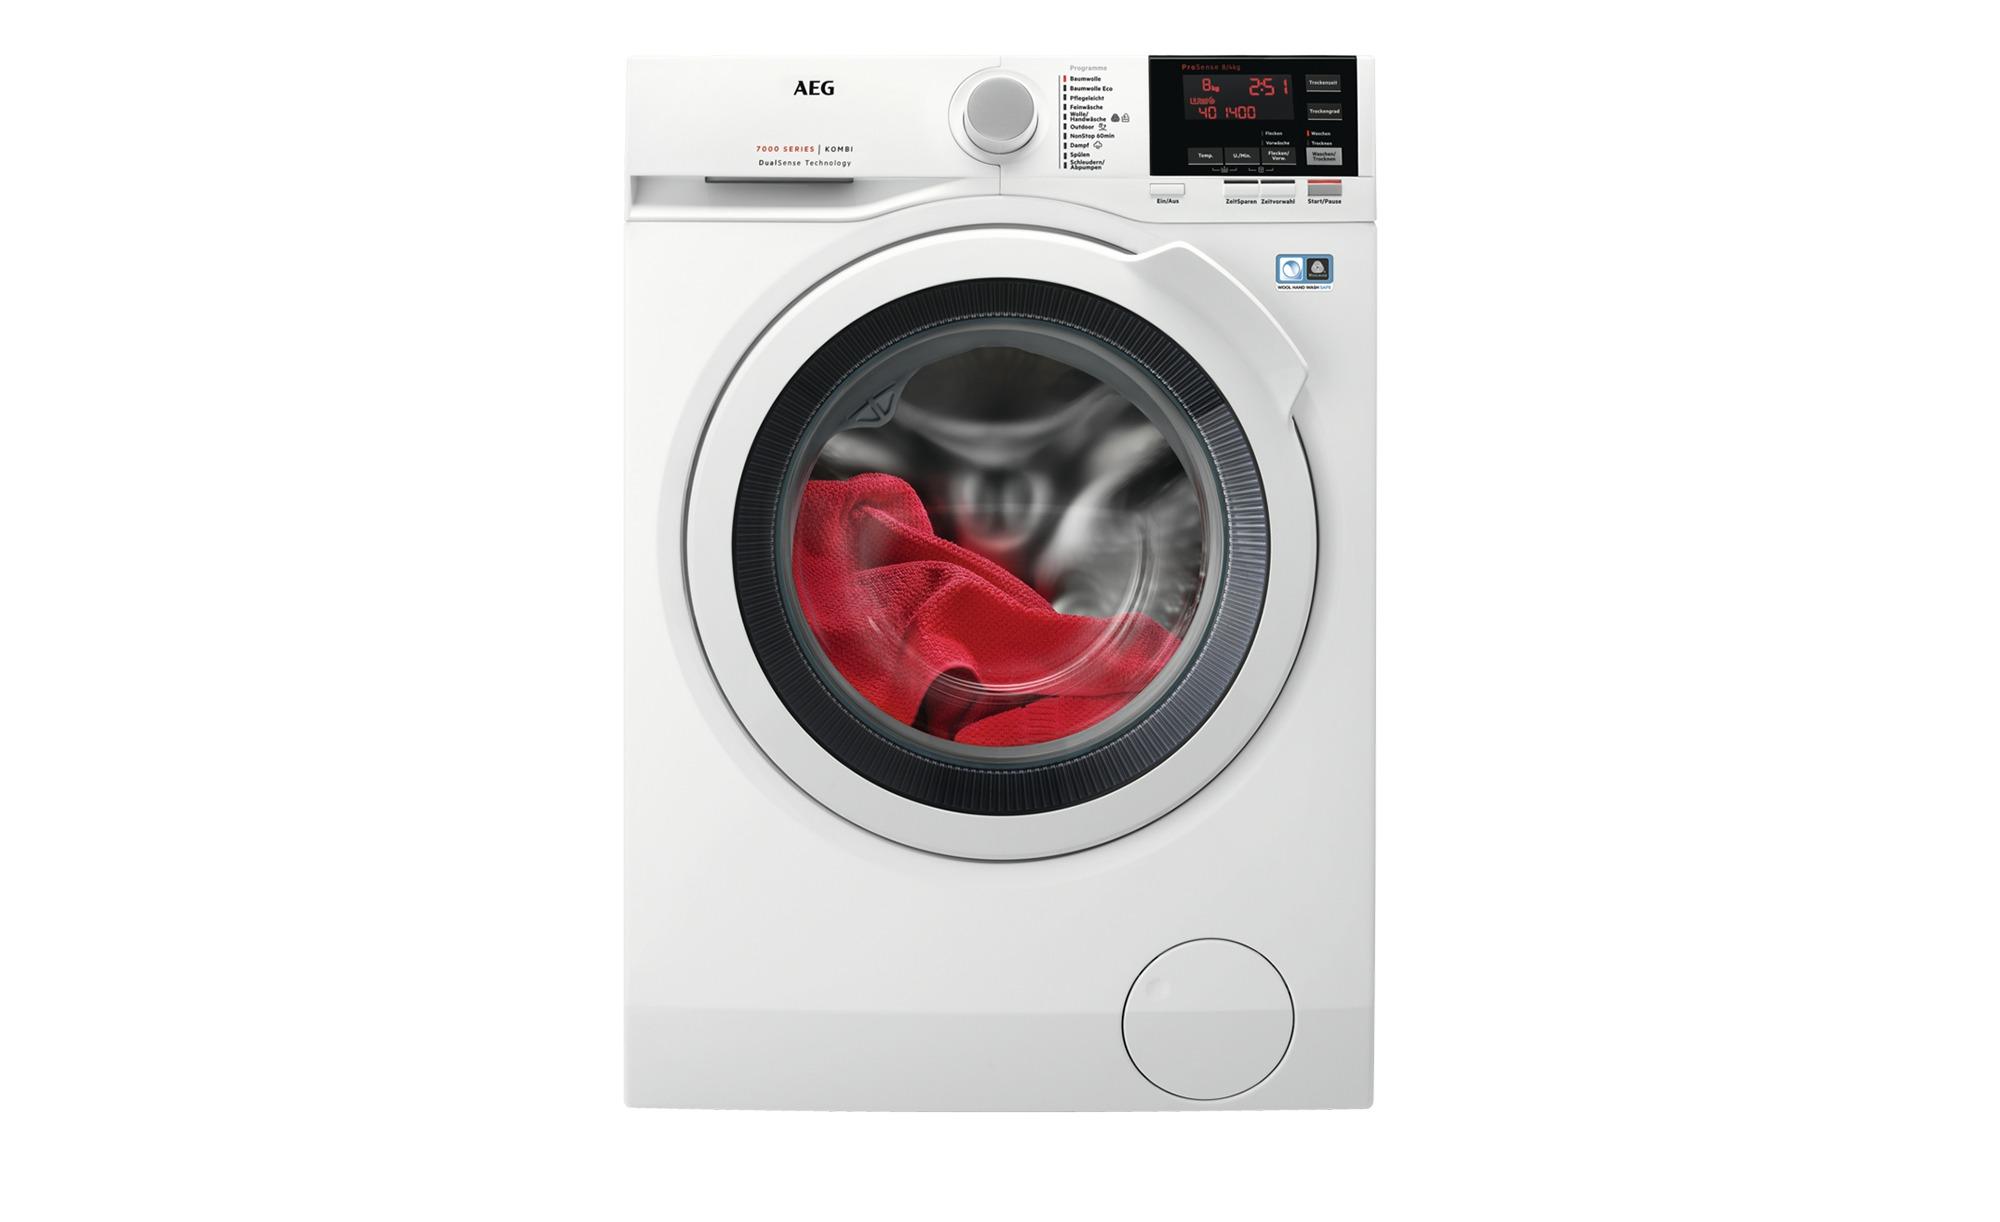 AEG Waschtrockner  L7WB65684 - weiß - Metall-lackiert, Glas , Kunststoff - 59,7 cm - 84,8 cm - 57,6 cm - Elektrogeräte > Waschtrockner - Möbel Kraft | Bad > Waschmaschinen und Trockner > Waschtrockner | AEG